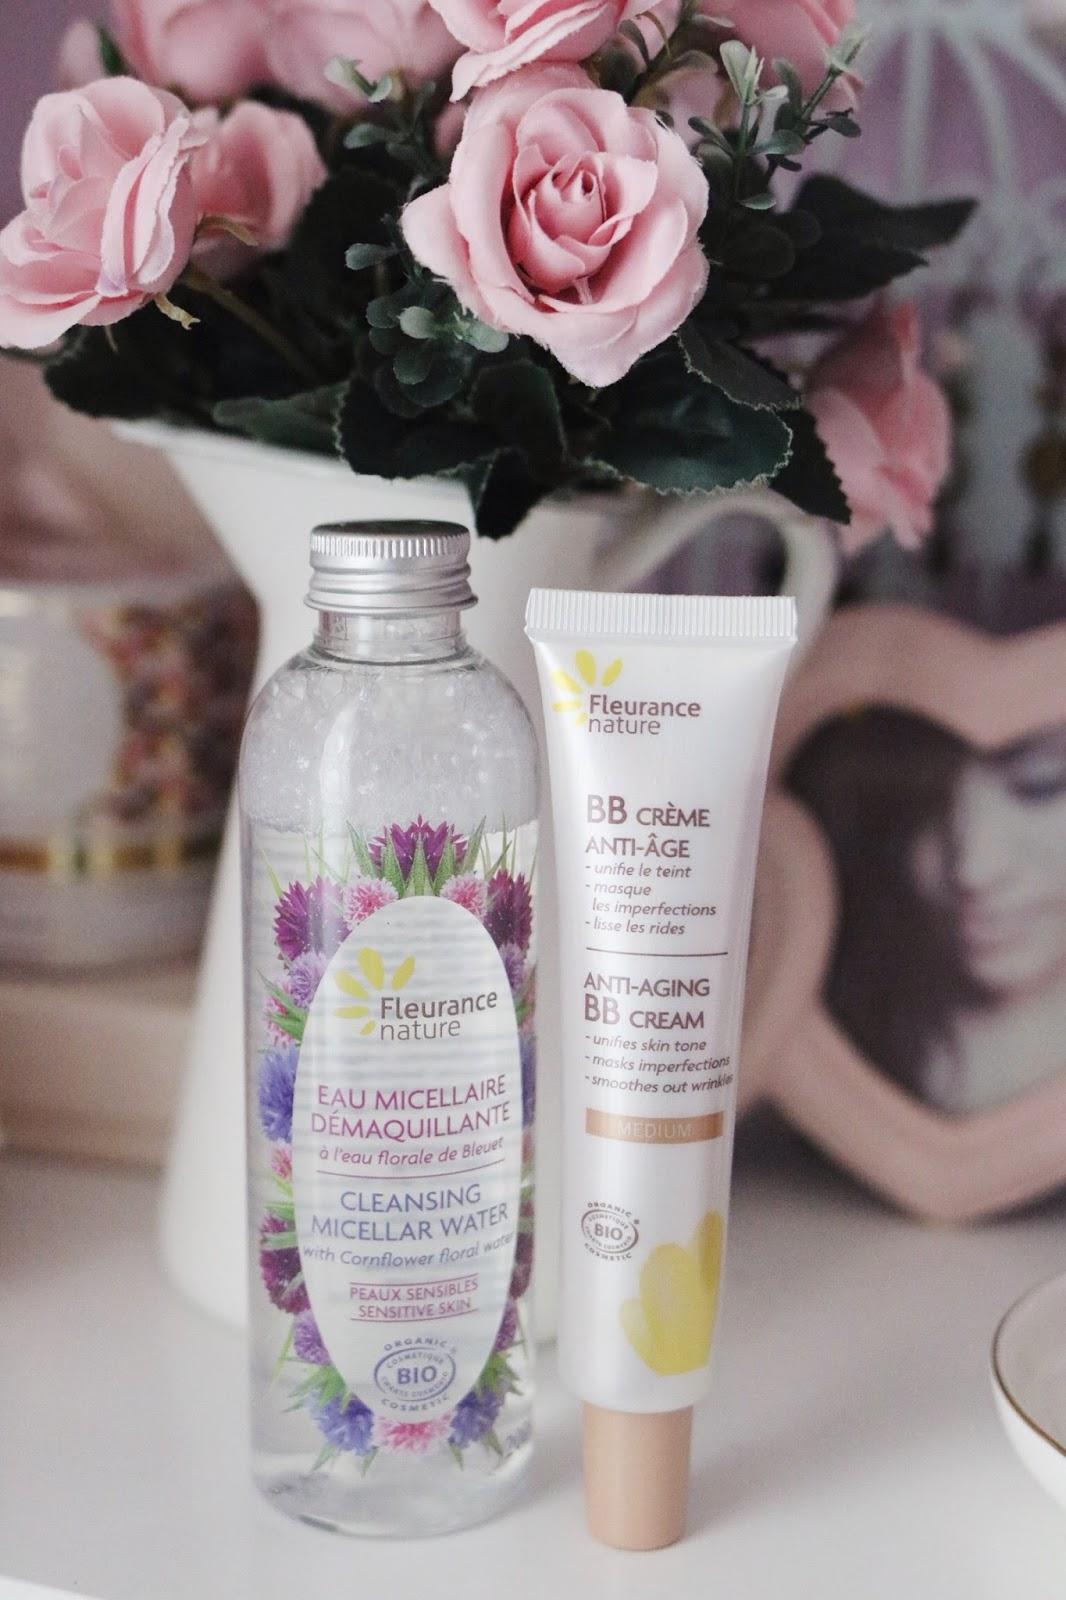 rosemademoiselle-rose-mademoiselle-fleurance-nature-eau-micellaire-bb-crème-anti-âge-bureau-franck-drapeau-bio-cosmétiques-naturels-revue-avis-swatches